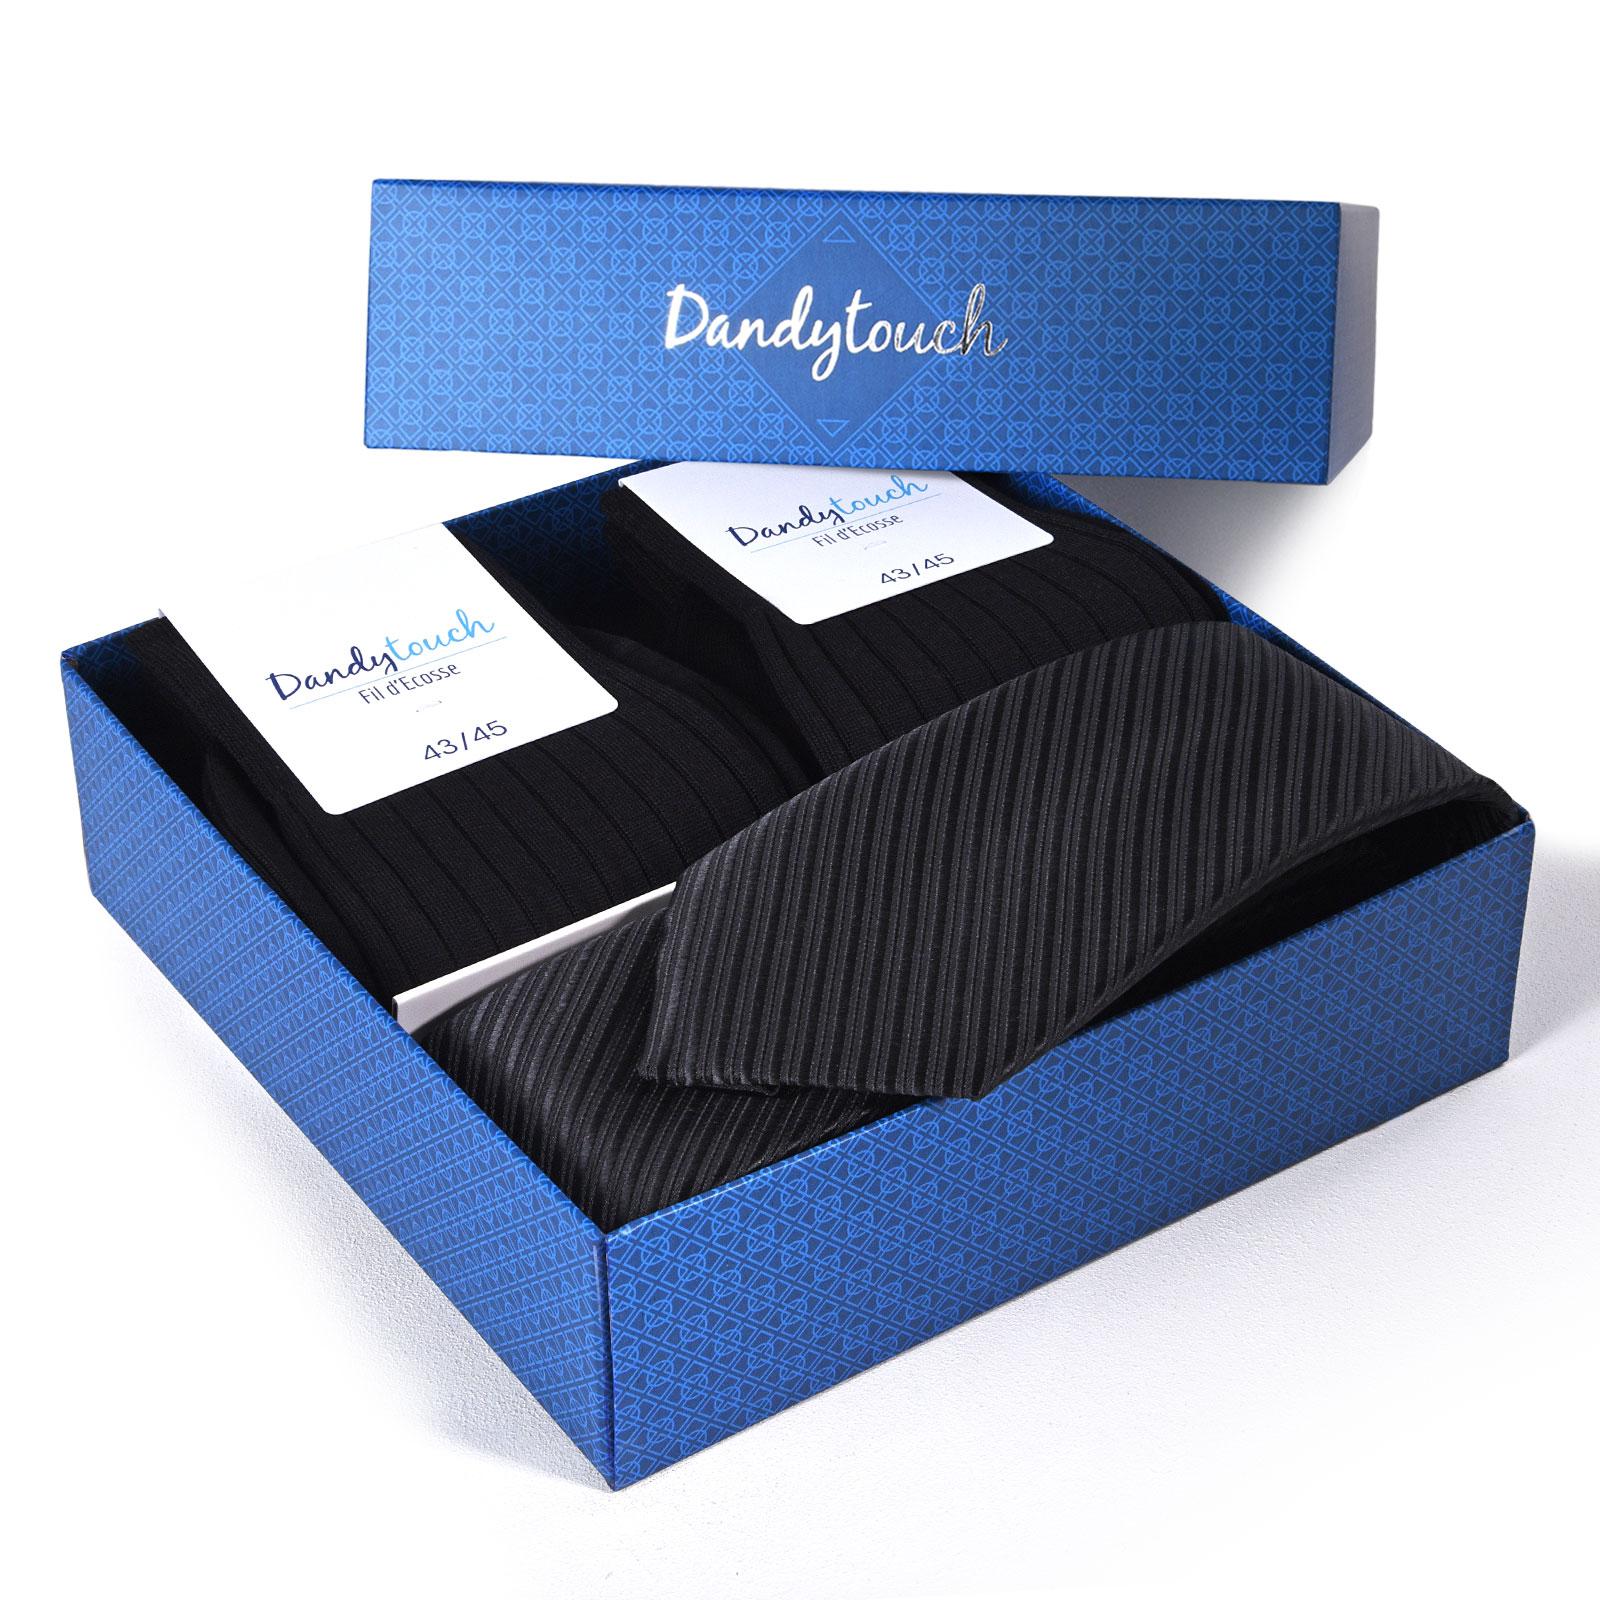 PK-00080-B16-coffret-chaussettes-fil-ecosse-noir+cravate